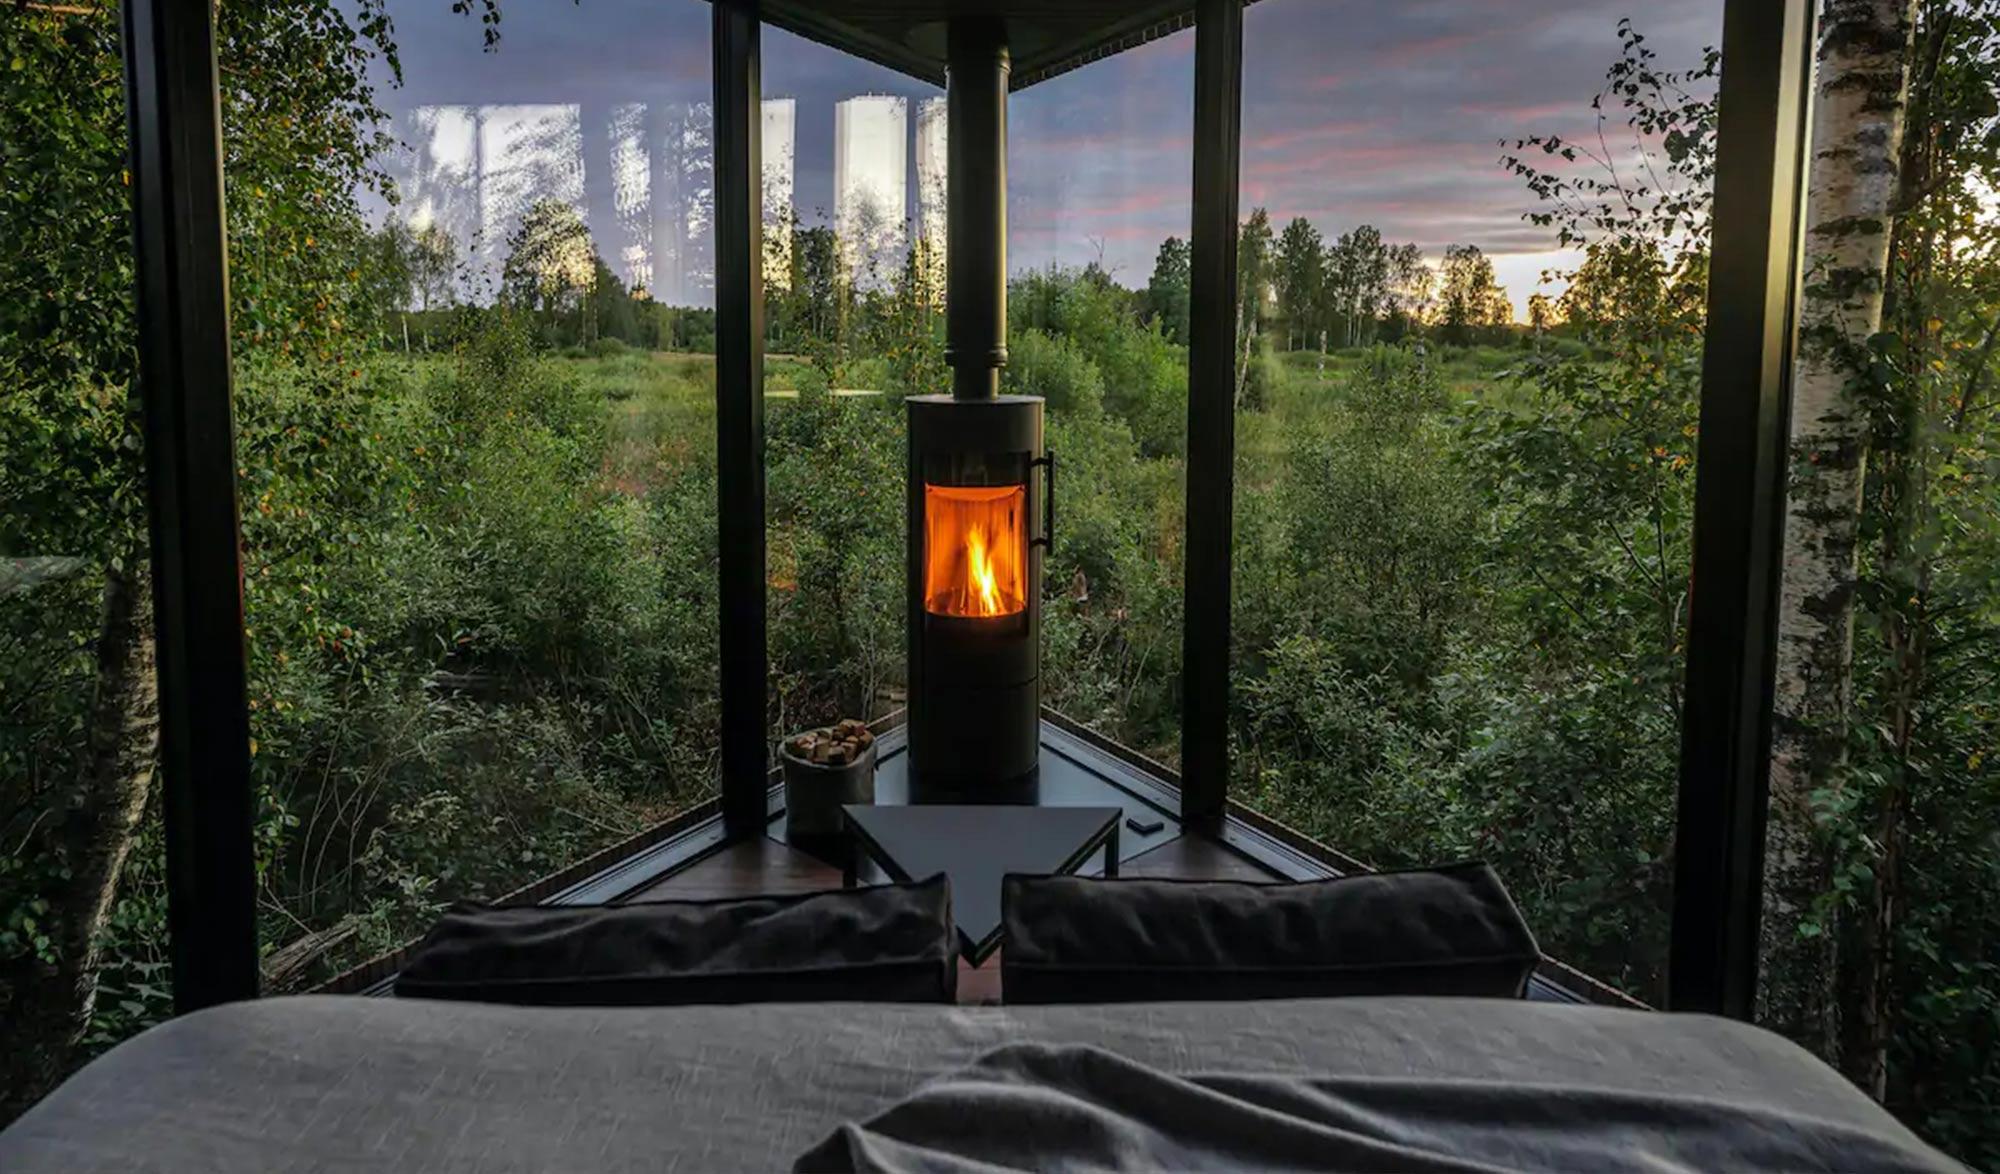 cabane de luxe dans les bois